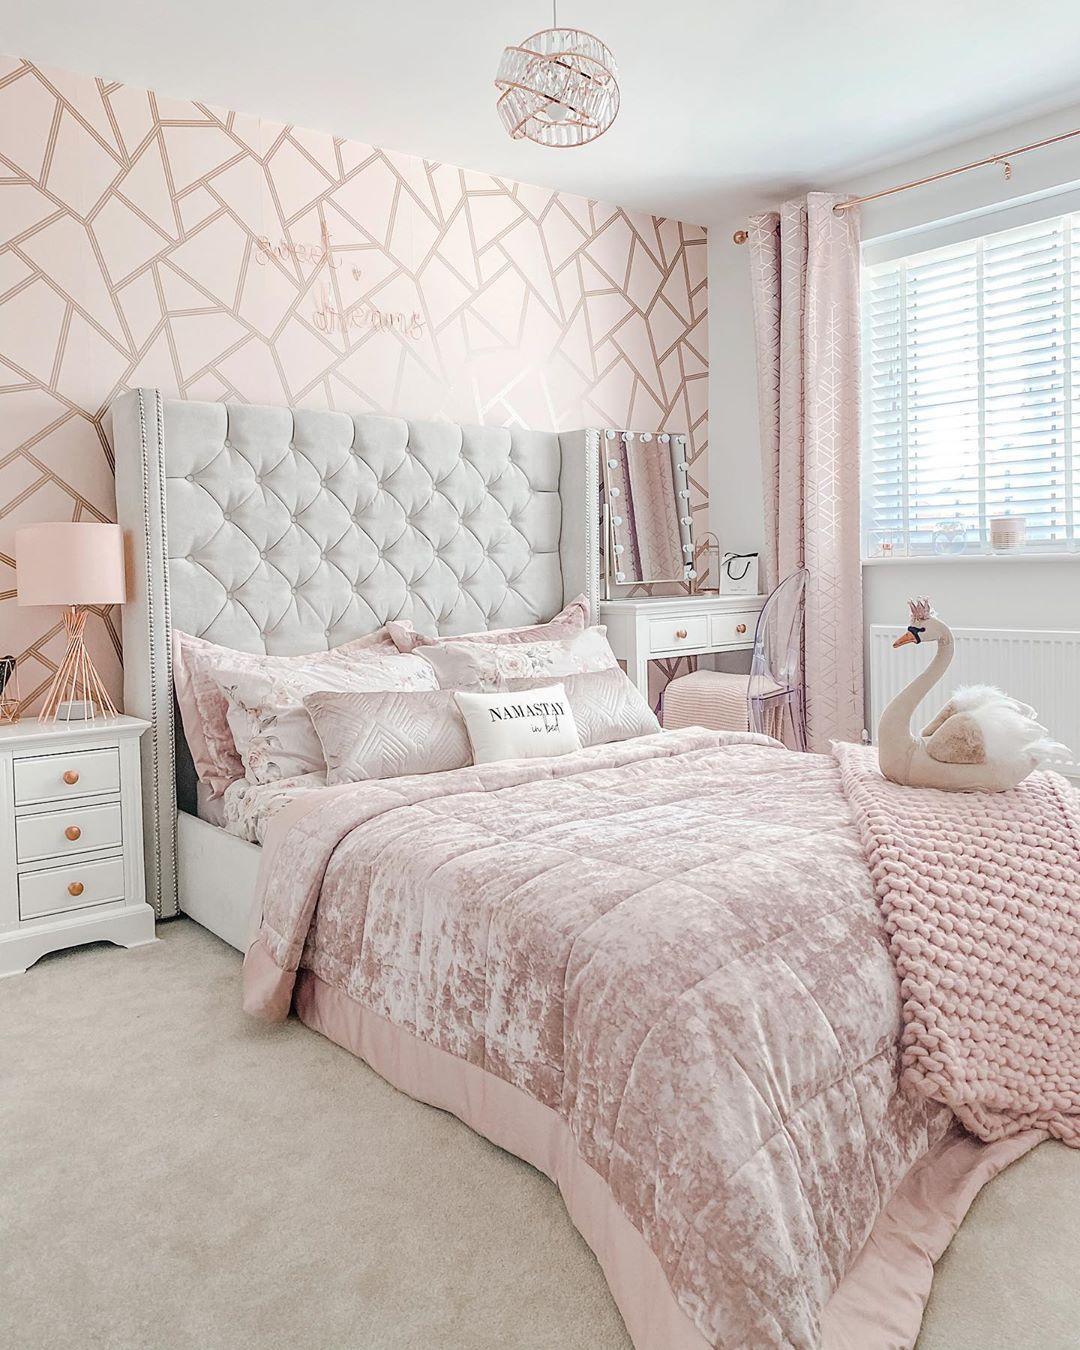 Luxury Girl bedroom Design in 10  Bedroom decor, Classy bedroom